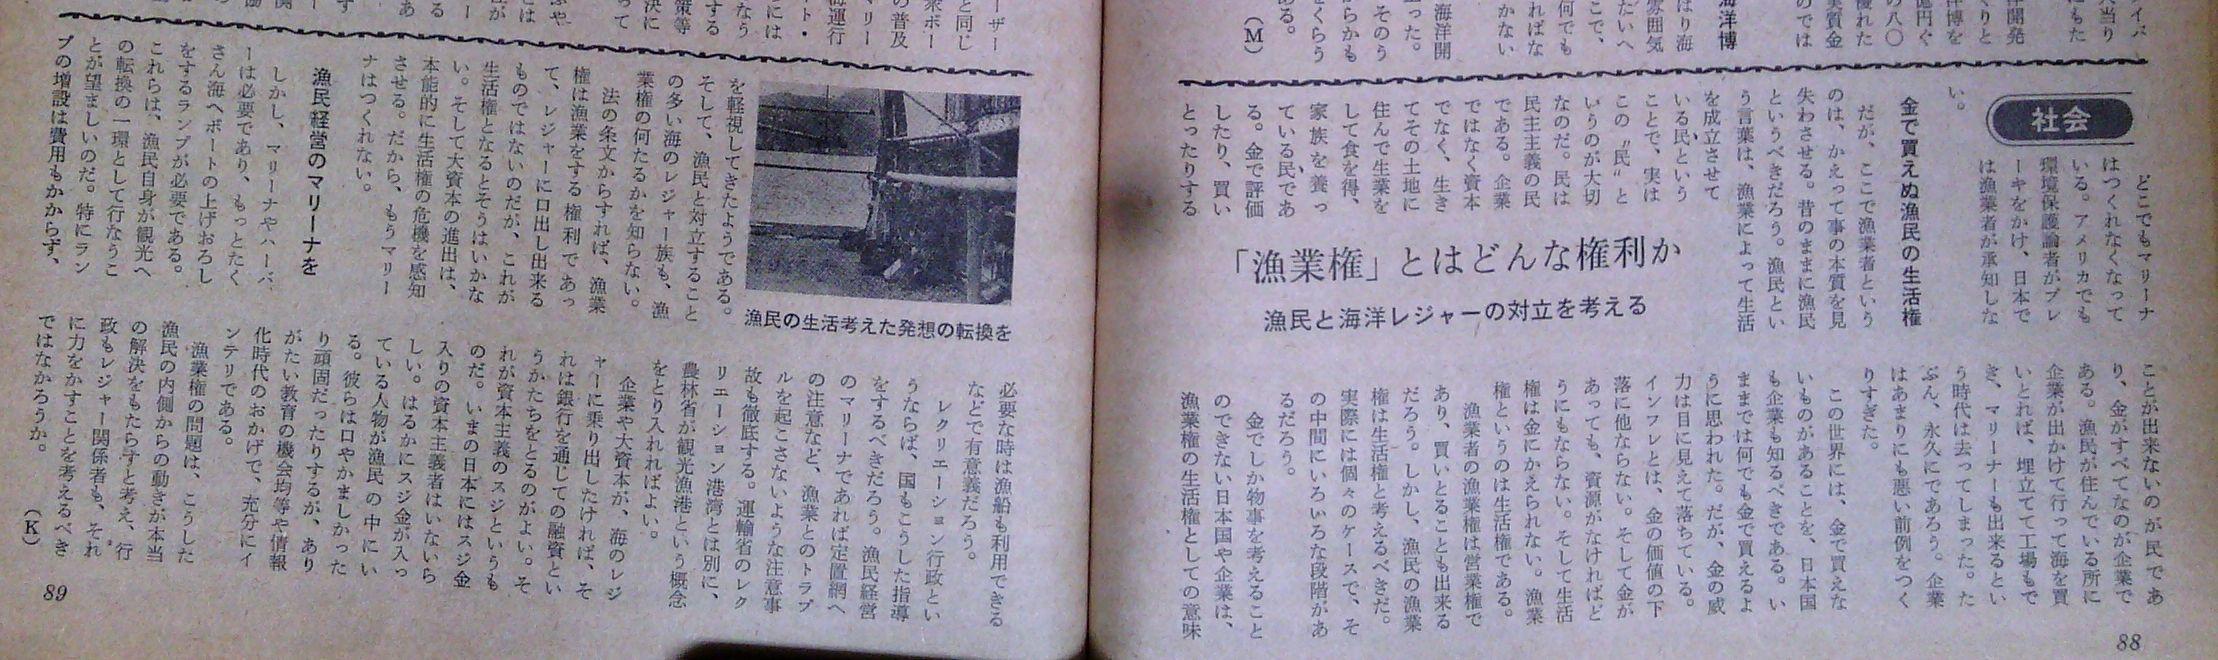 0513 ダイビングの歴史 70 海の世界 1974年 5月_b0075059_13260737.jpg